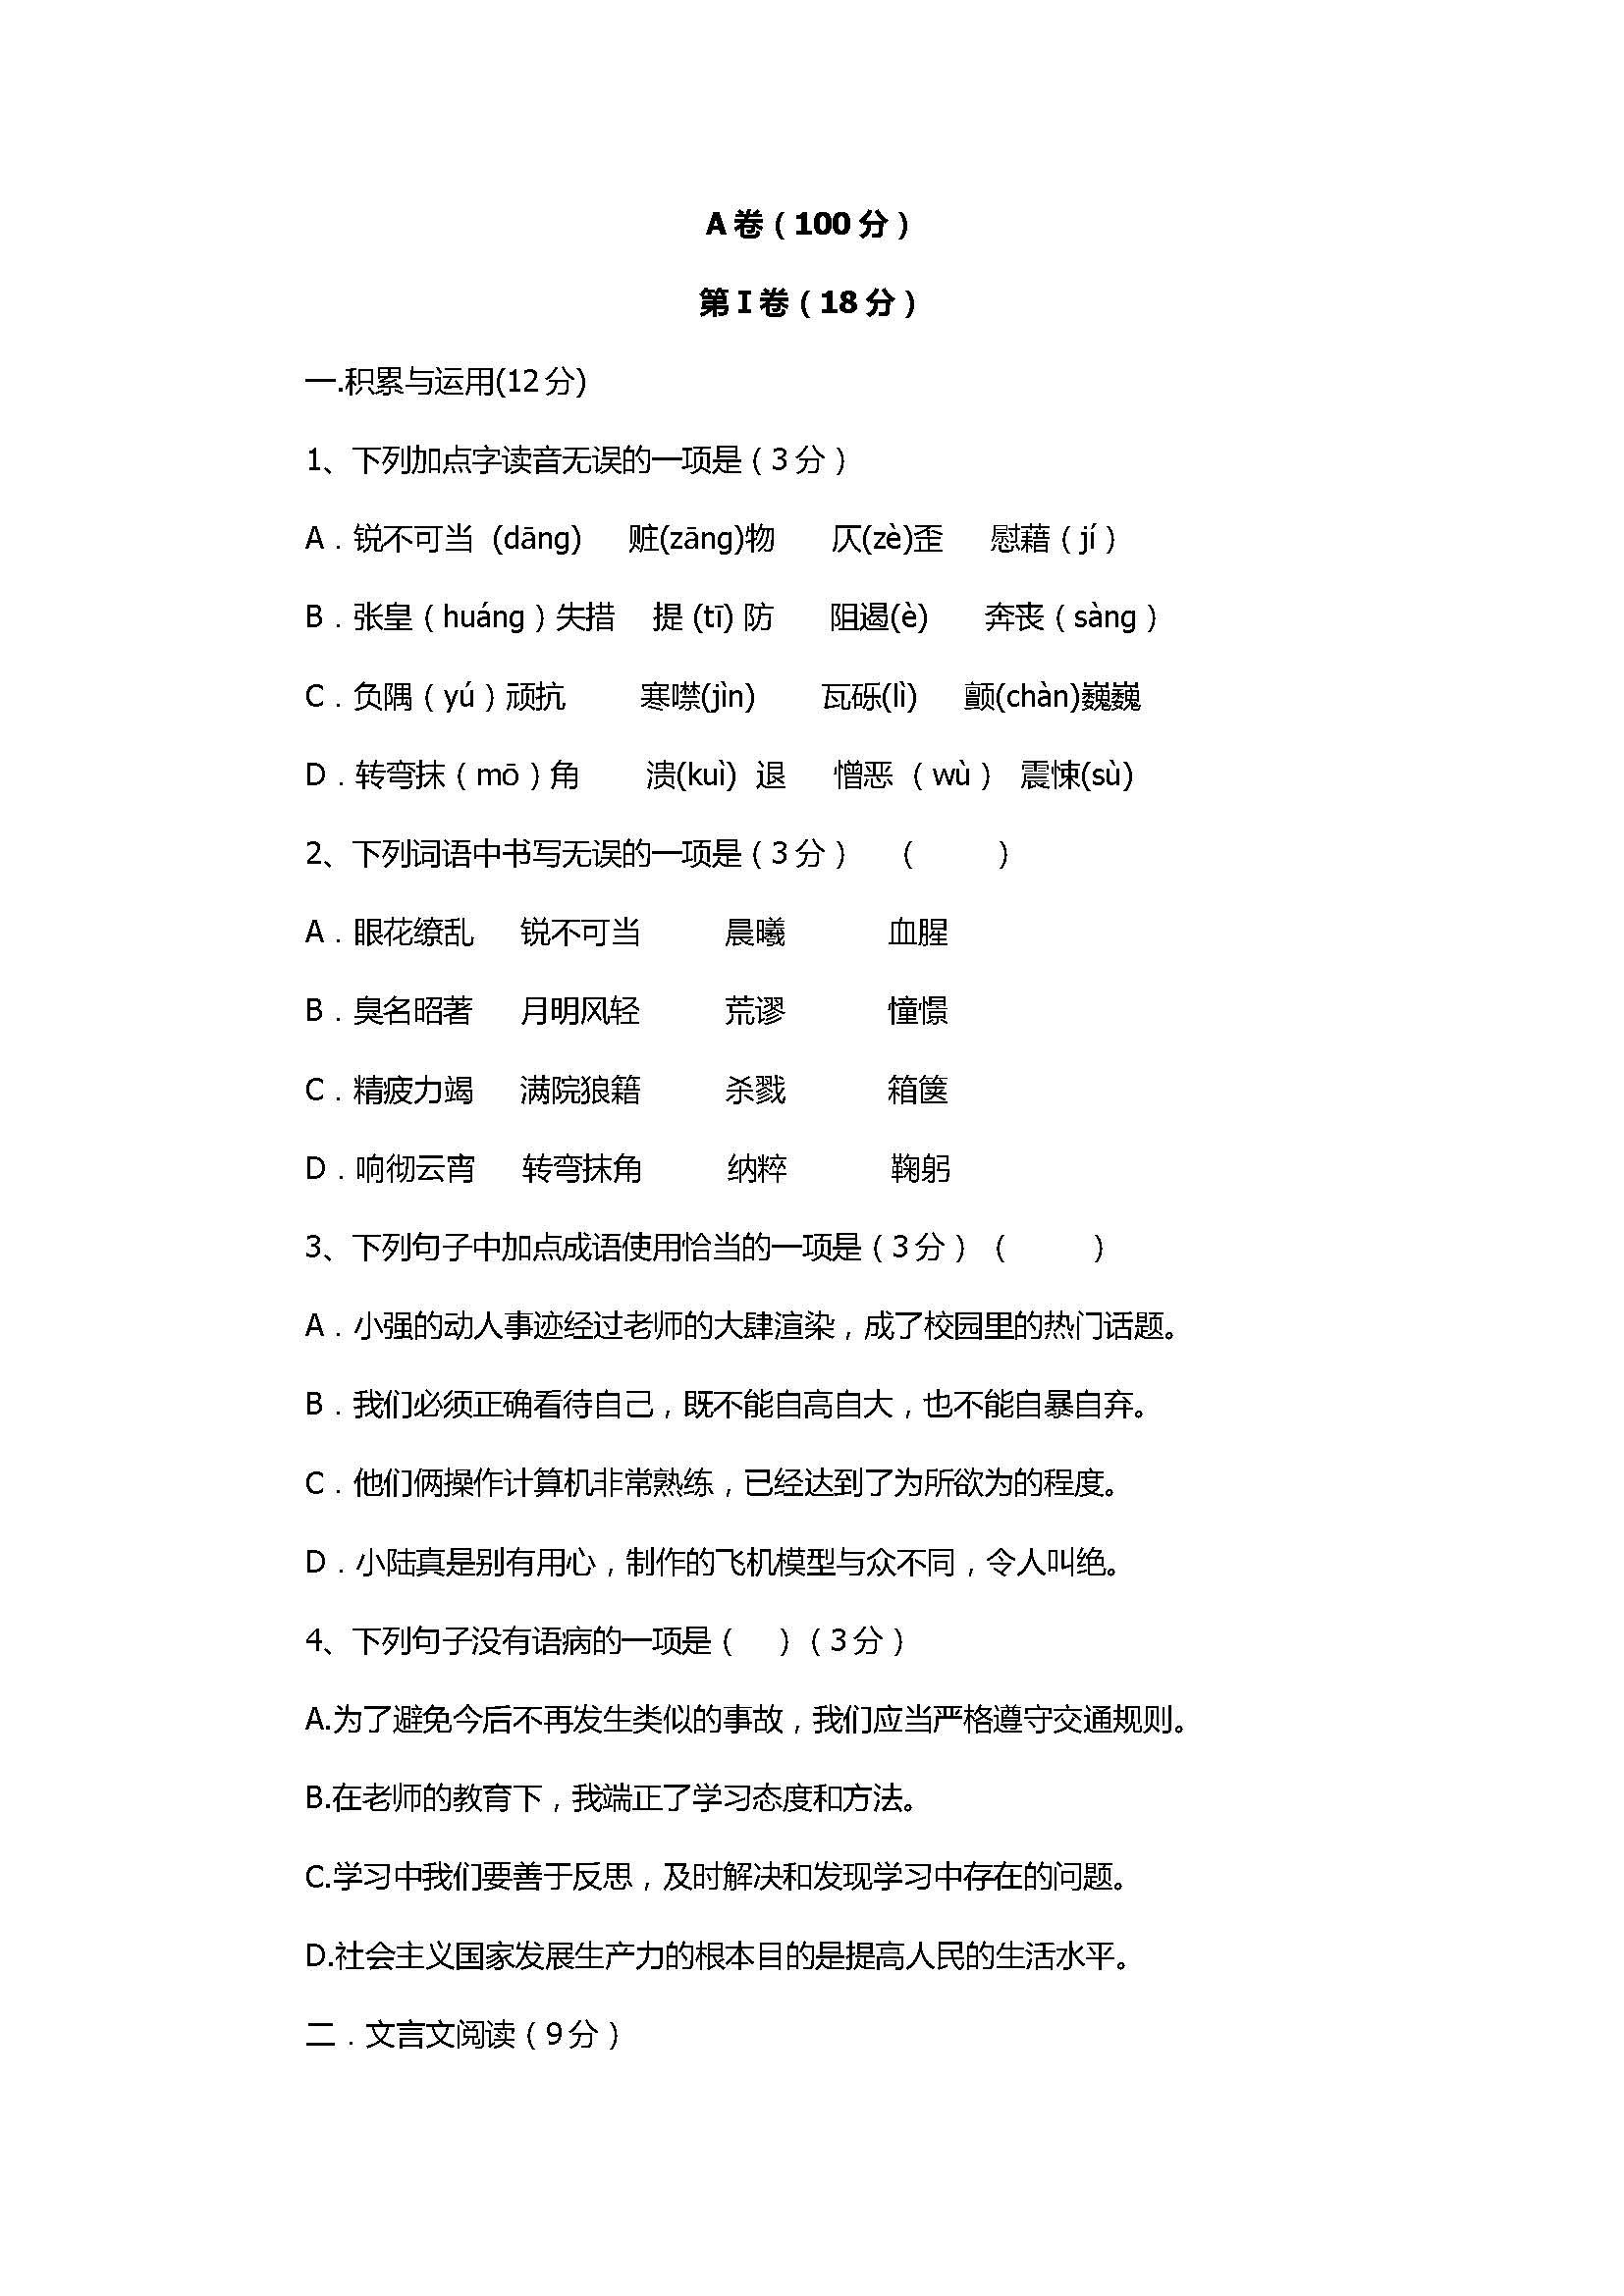 七一青城山学校2017八年级语文月考试卷含答案(人教版)